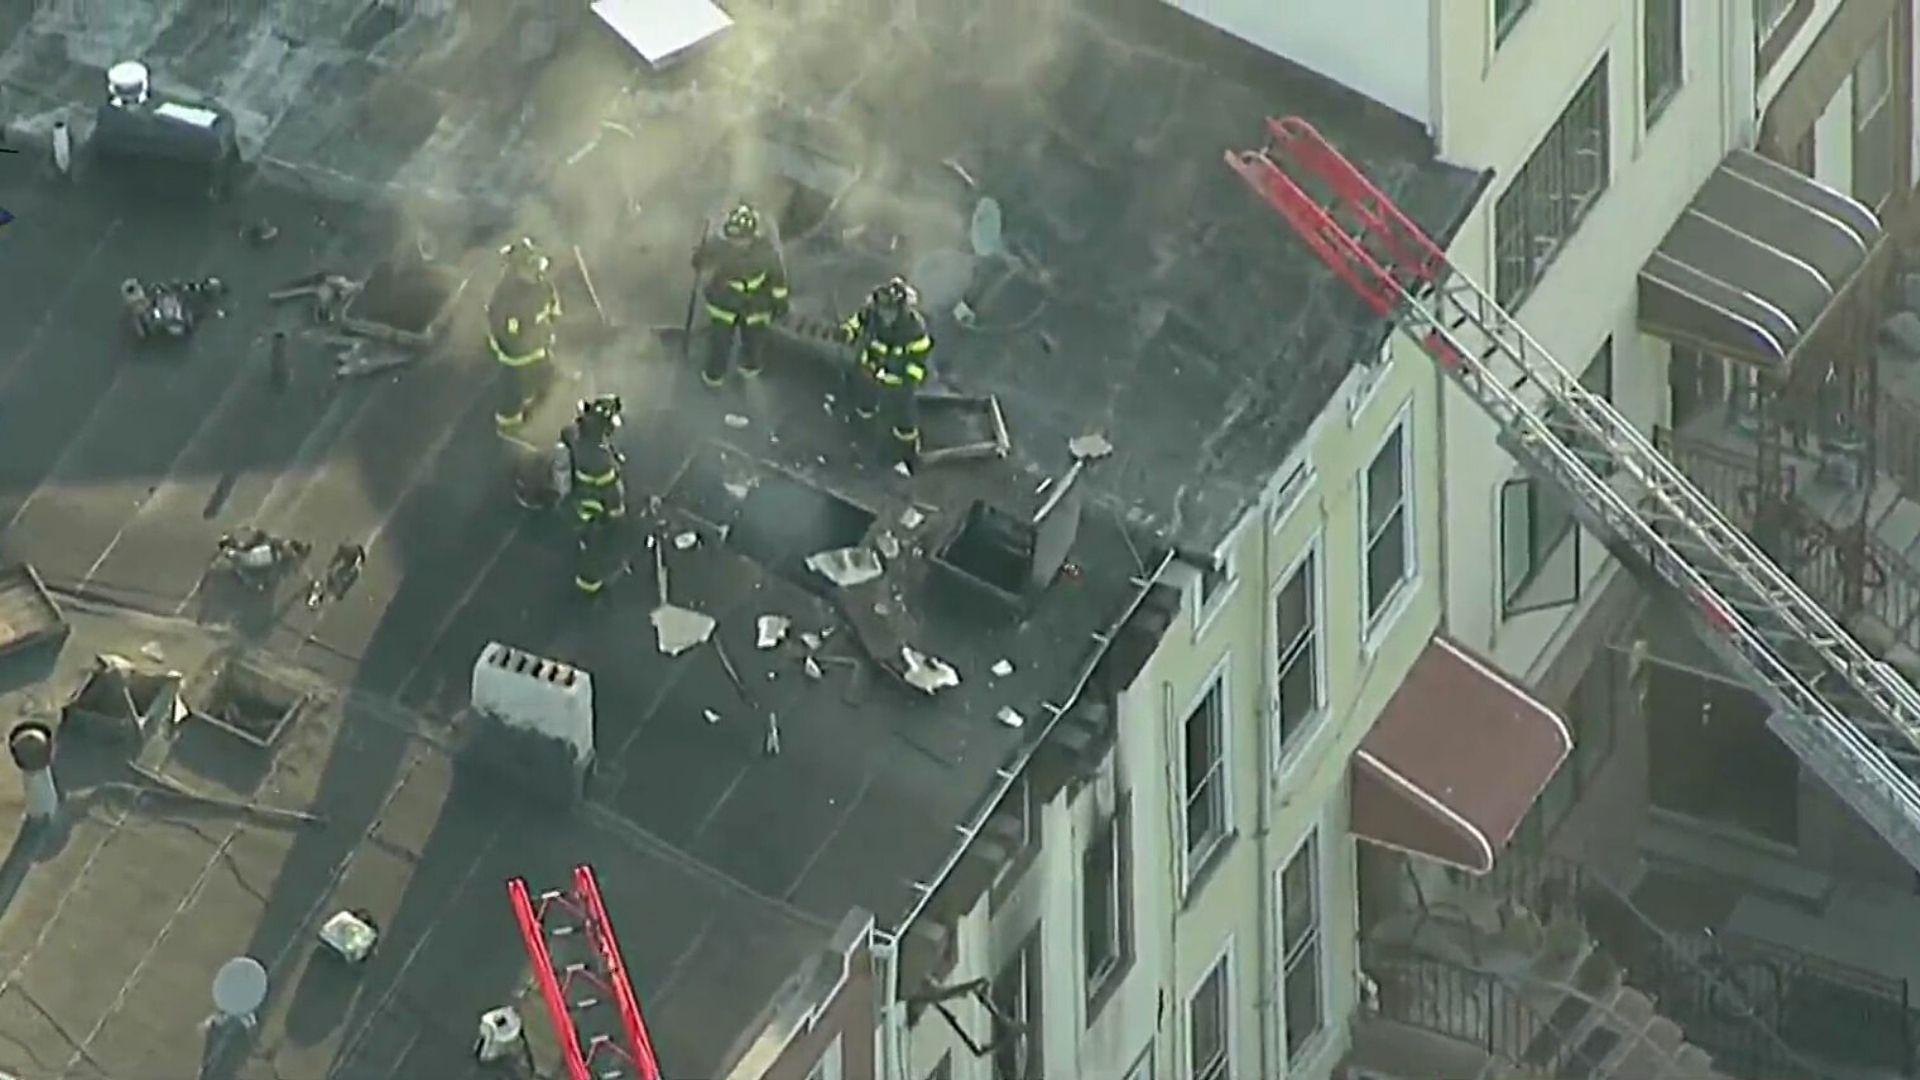 Firefighters battle fire in Bedford-Stuyvesant, Brooklyn